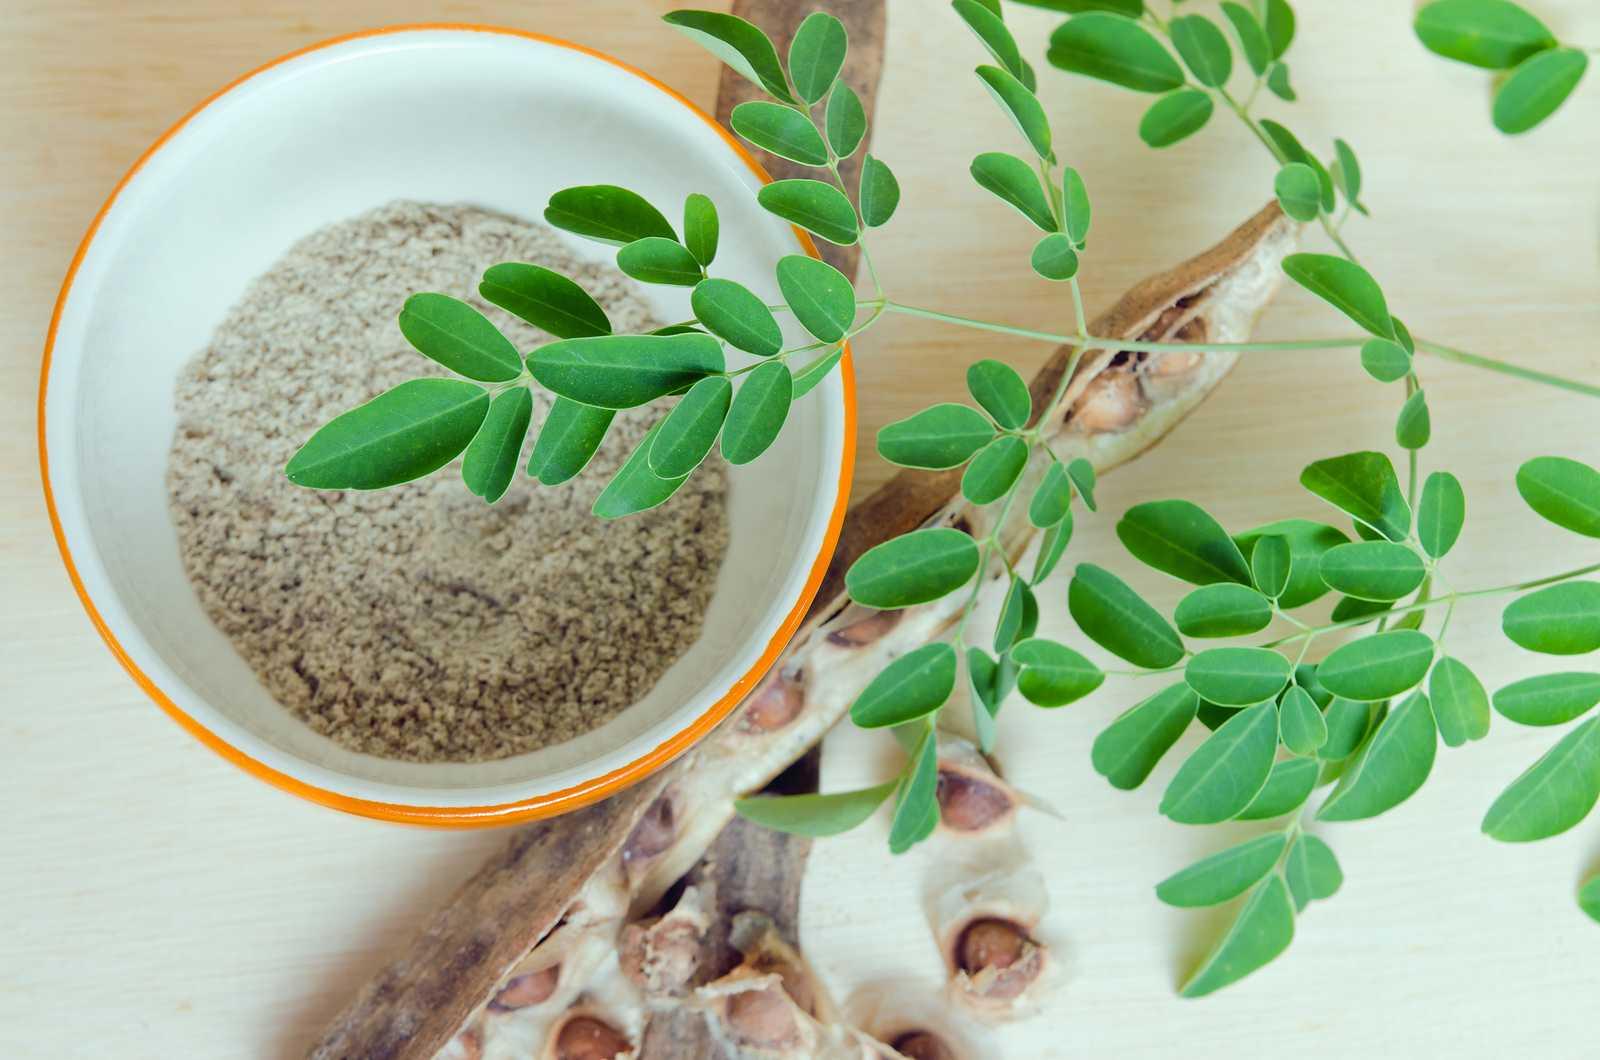 TheKBeauty - Moringa foglie, fave ed estratto secco